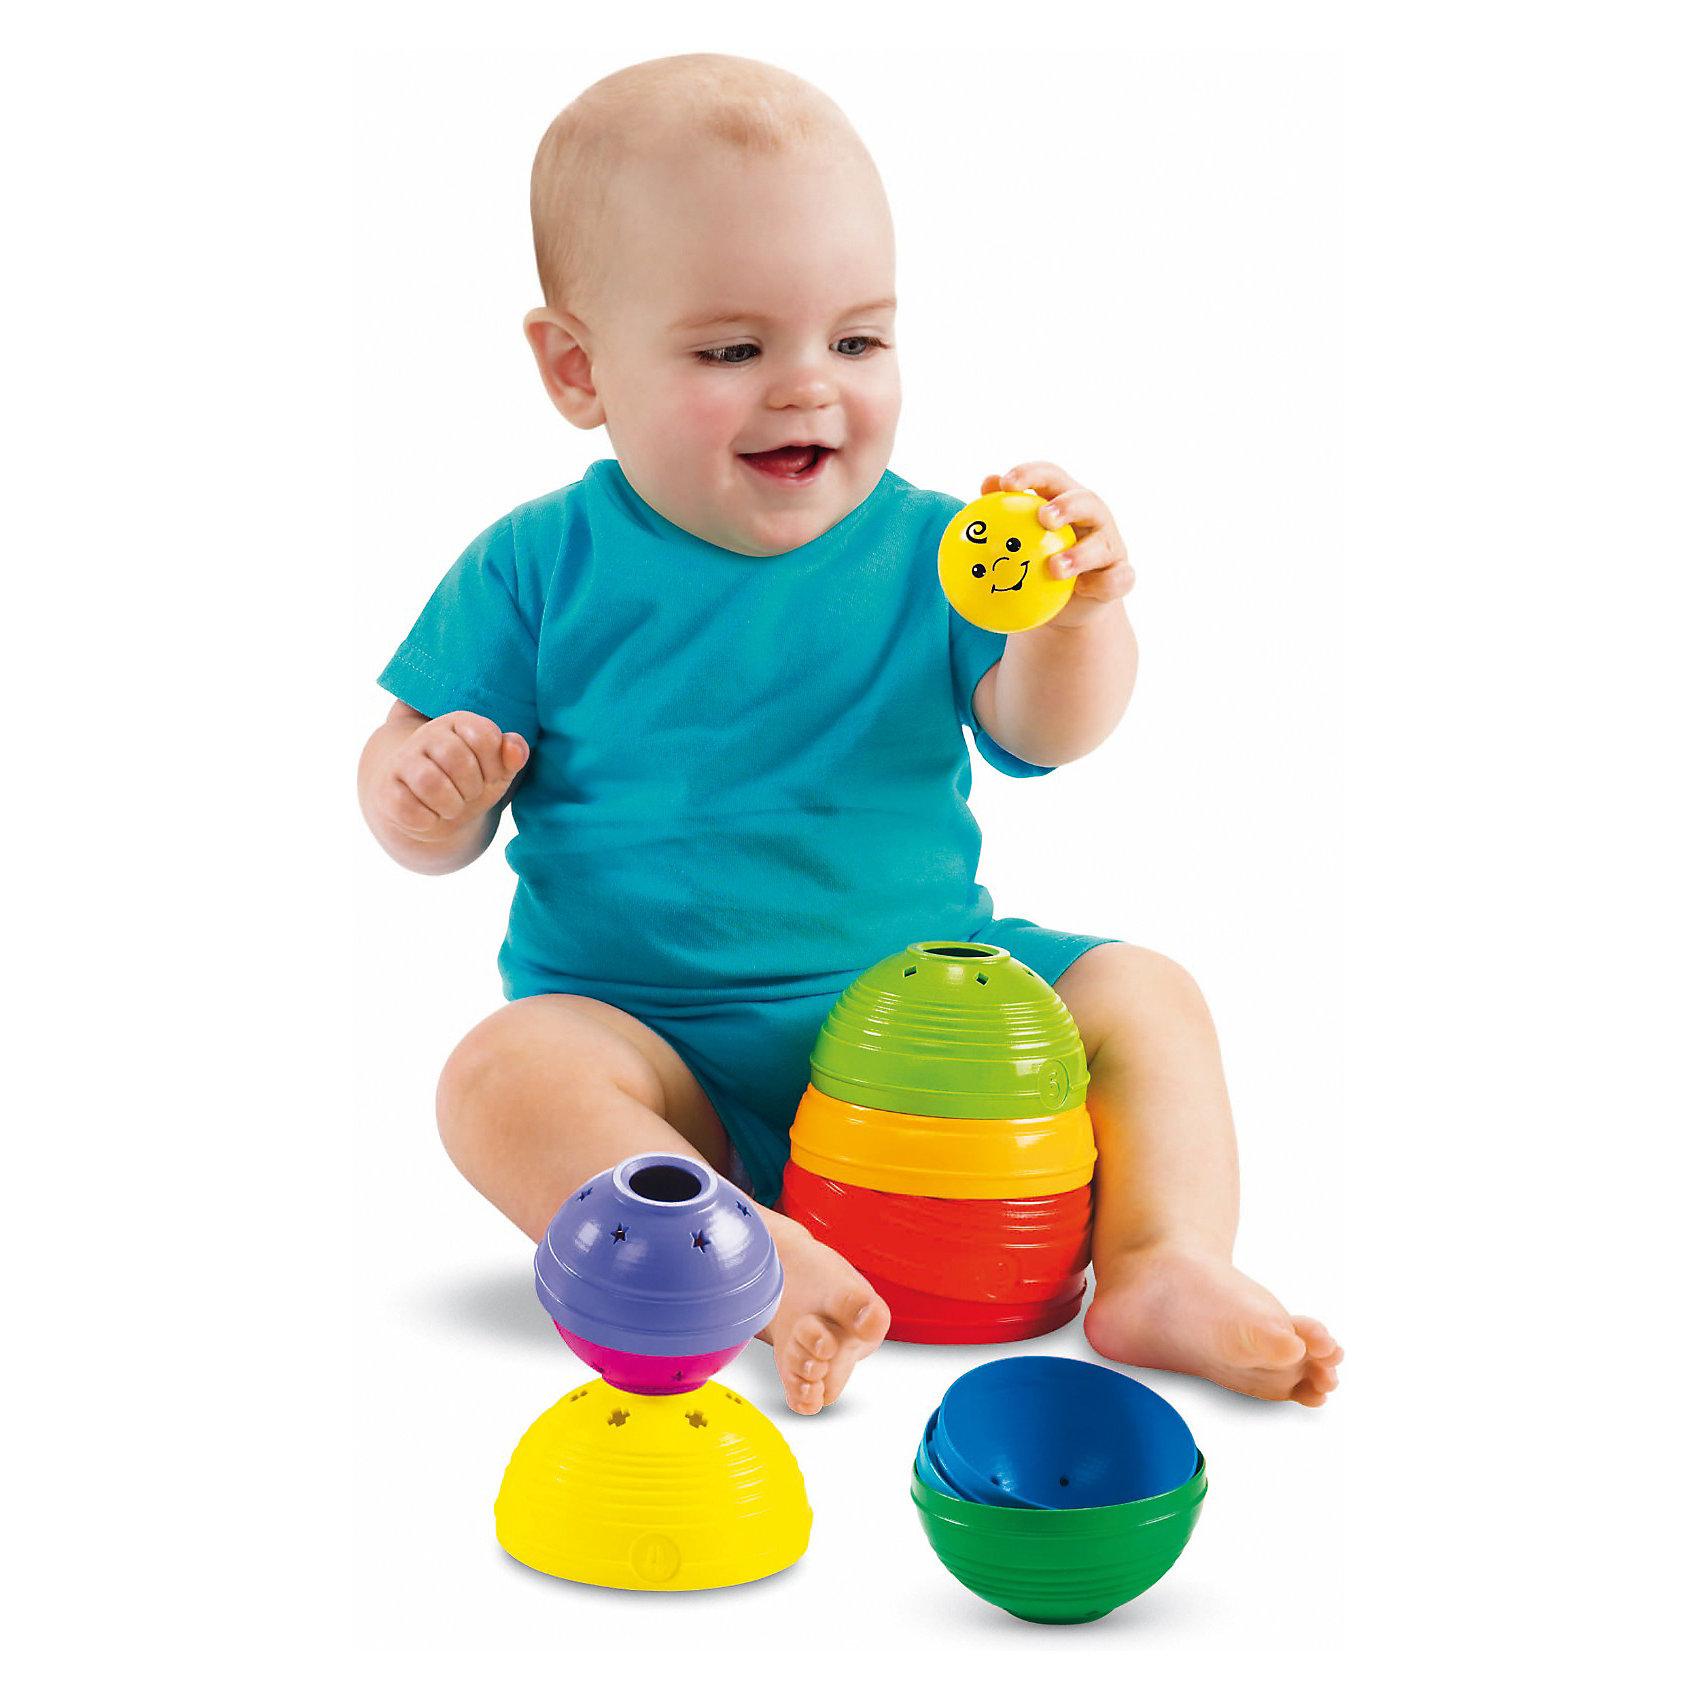 Fisher-Price Развивающие стаканчикиРазвивающие игрушки<br>Пирамидка из развивающих стаканчиков от Fisher-Price. <br><br>Популярная игрушка в новом формате! Ваш малыш может ставить стаканчики друг на другу или складывать их друг в друга. Стаканчики, у которых примерно одинаковый размер, можно сложить в шар. Шарик с колокольчиком можно прятать в стаканчиках или поместить на пирамиду.<br><br>Дополнительная информация:<br><br>- Размер упаковки (д/ш/в): 21,7х18х13,1 см<br><br>Ширина мм: 223<br>Глубина мм: 185<br>Высота мм: 132<br>Вес г: 492<br>Возраст от месяцев: 6<br>Возраст до месяцев: 36<br>Пол: Унисекс<br>Возраст: Детский<br>SKU: 2267096